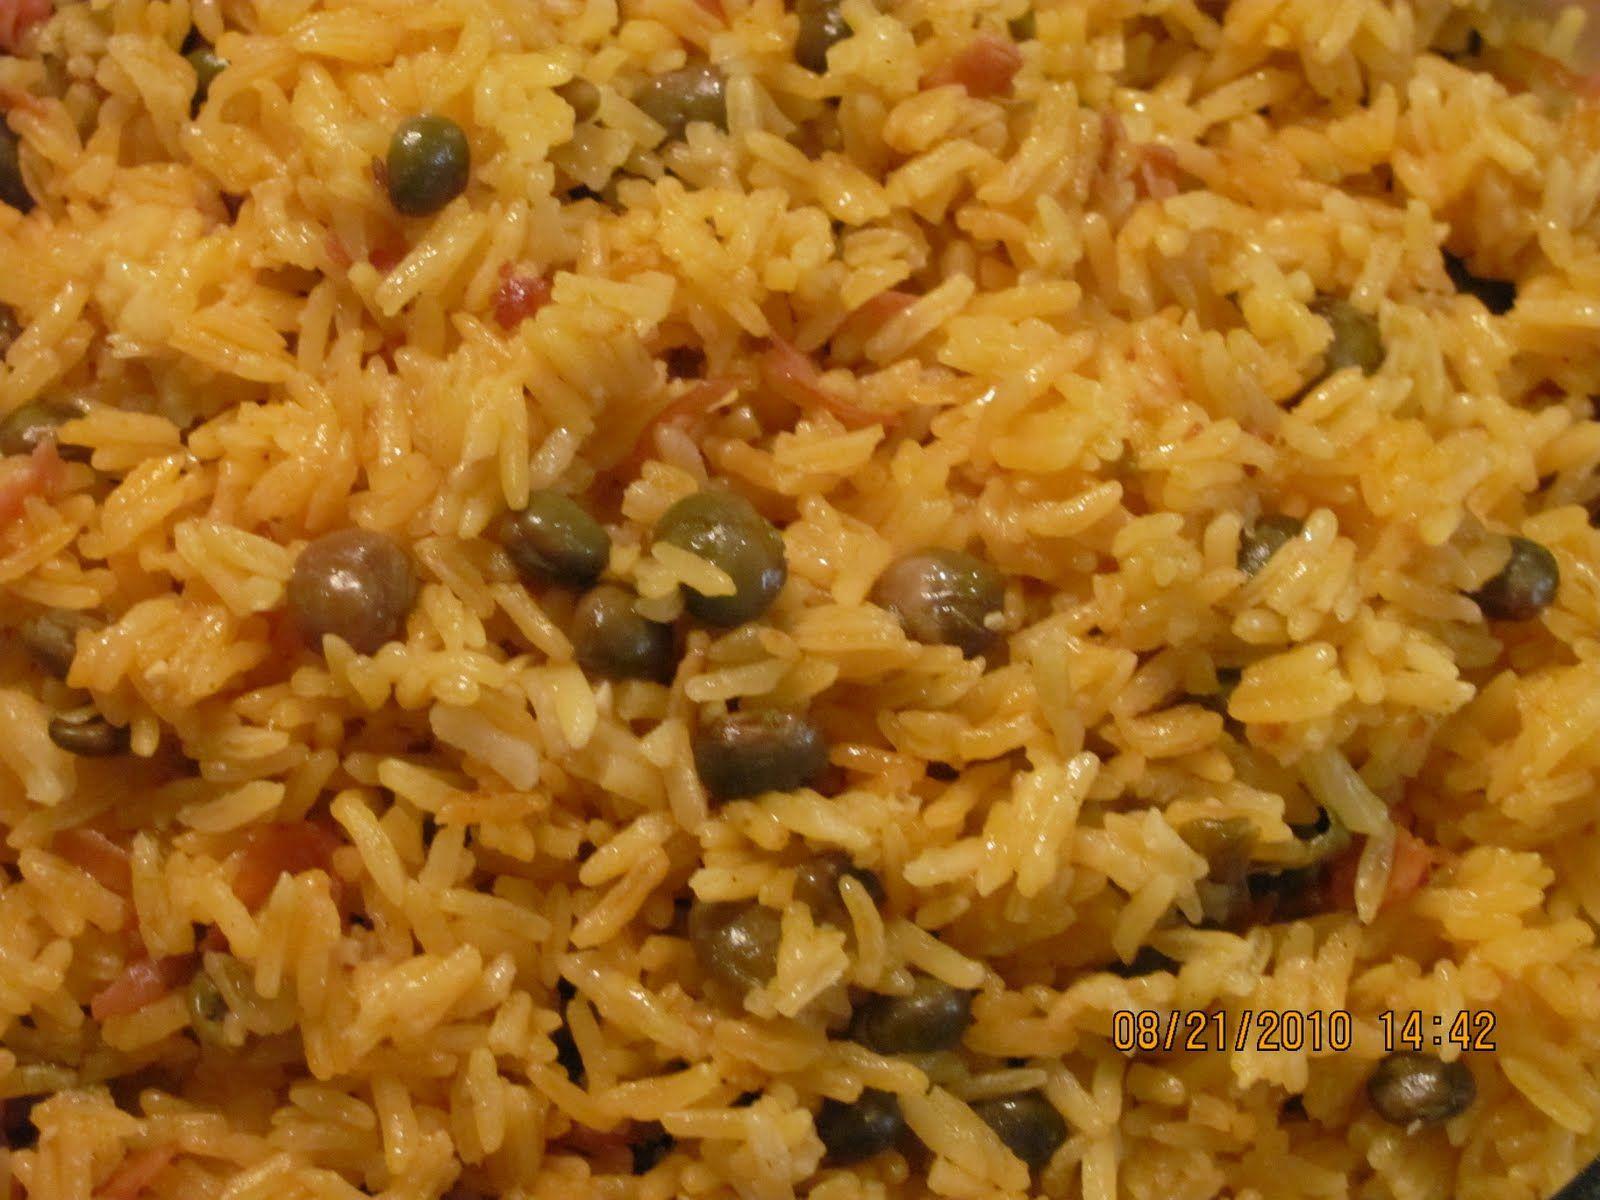 Haitian Pigeon Peas And Rice Recipe  Haitianfoodrecipe